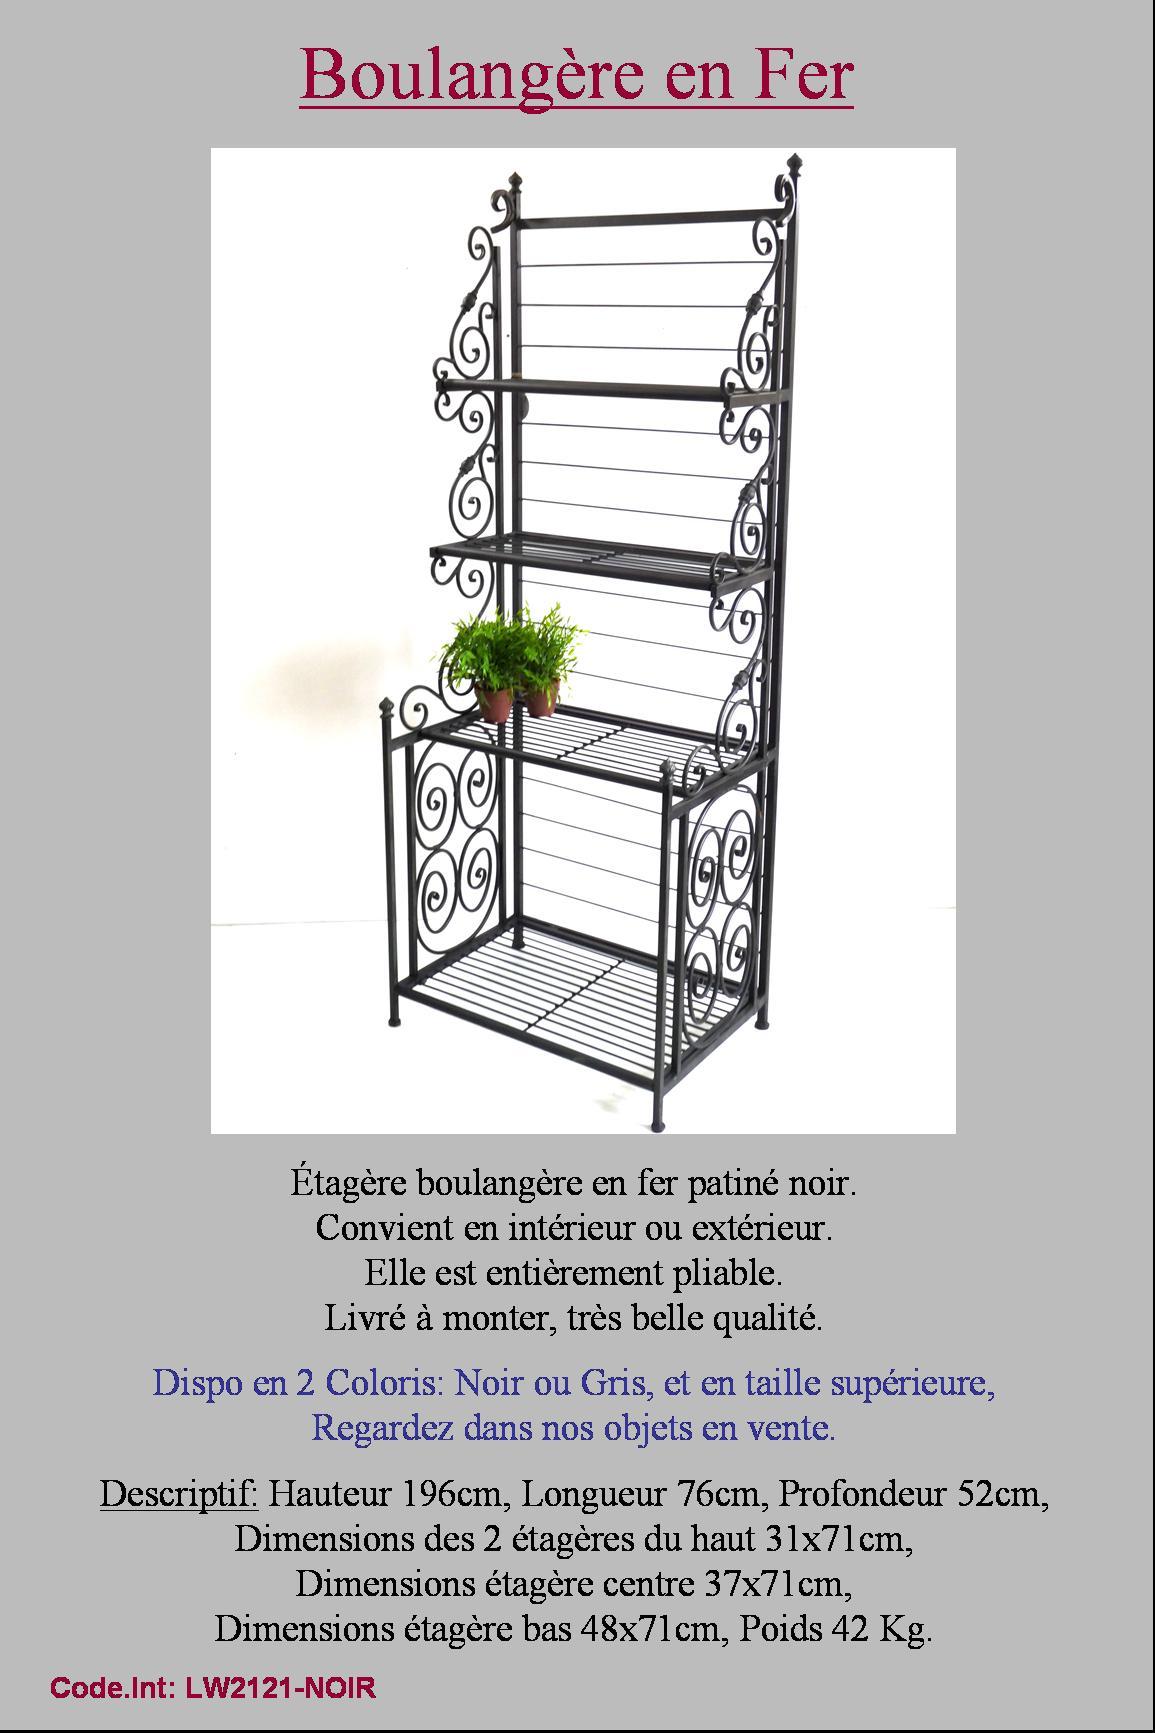 belle style ancienne etagere boulangere de boulanger boulangerie en fer forge ebay. Black Bedroom Furniture Sets. Home Design Ideas